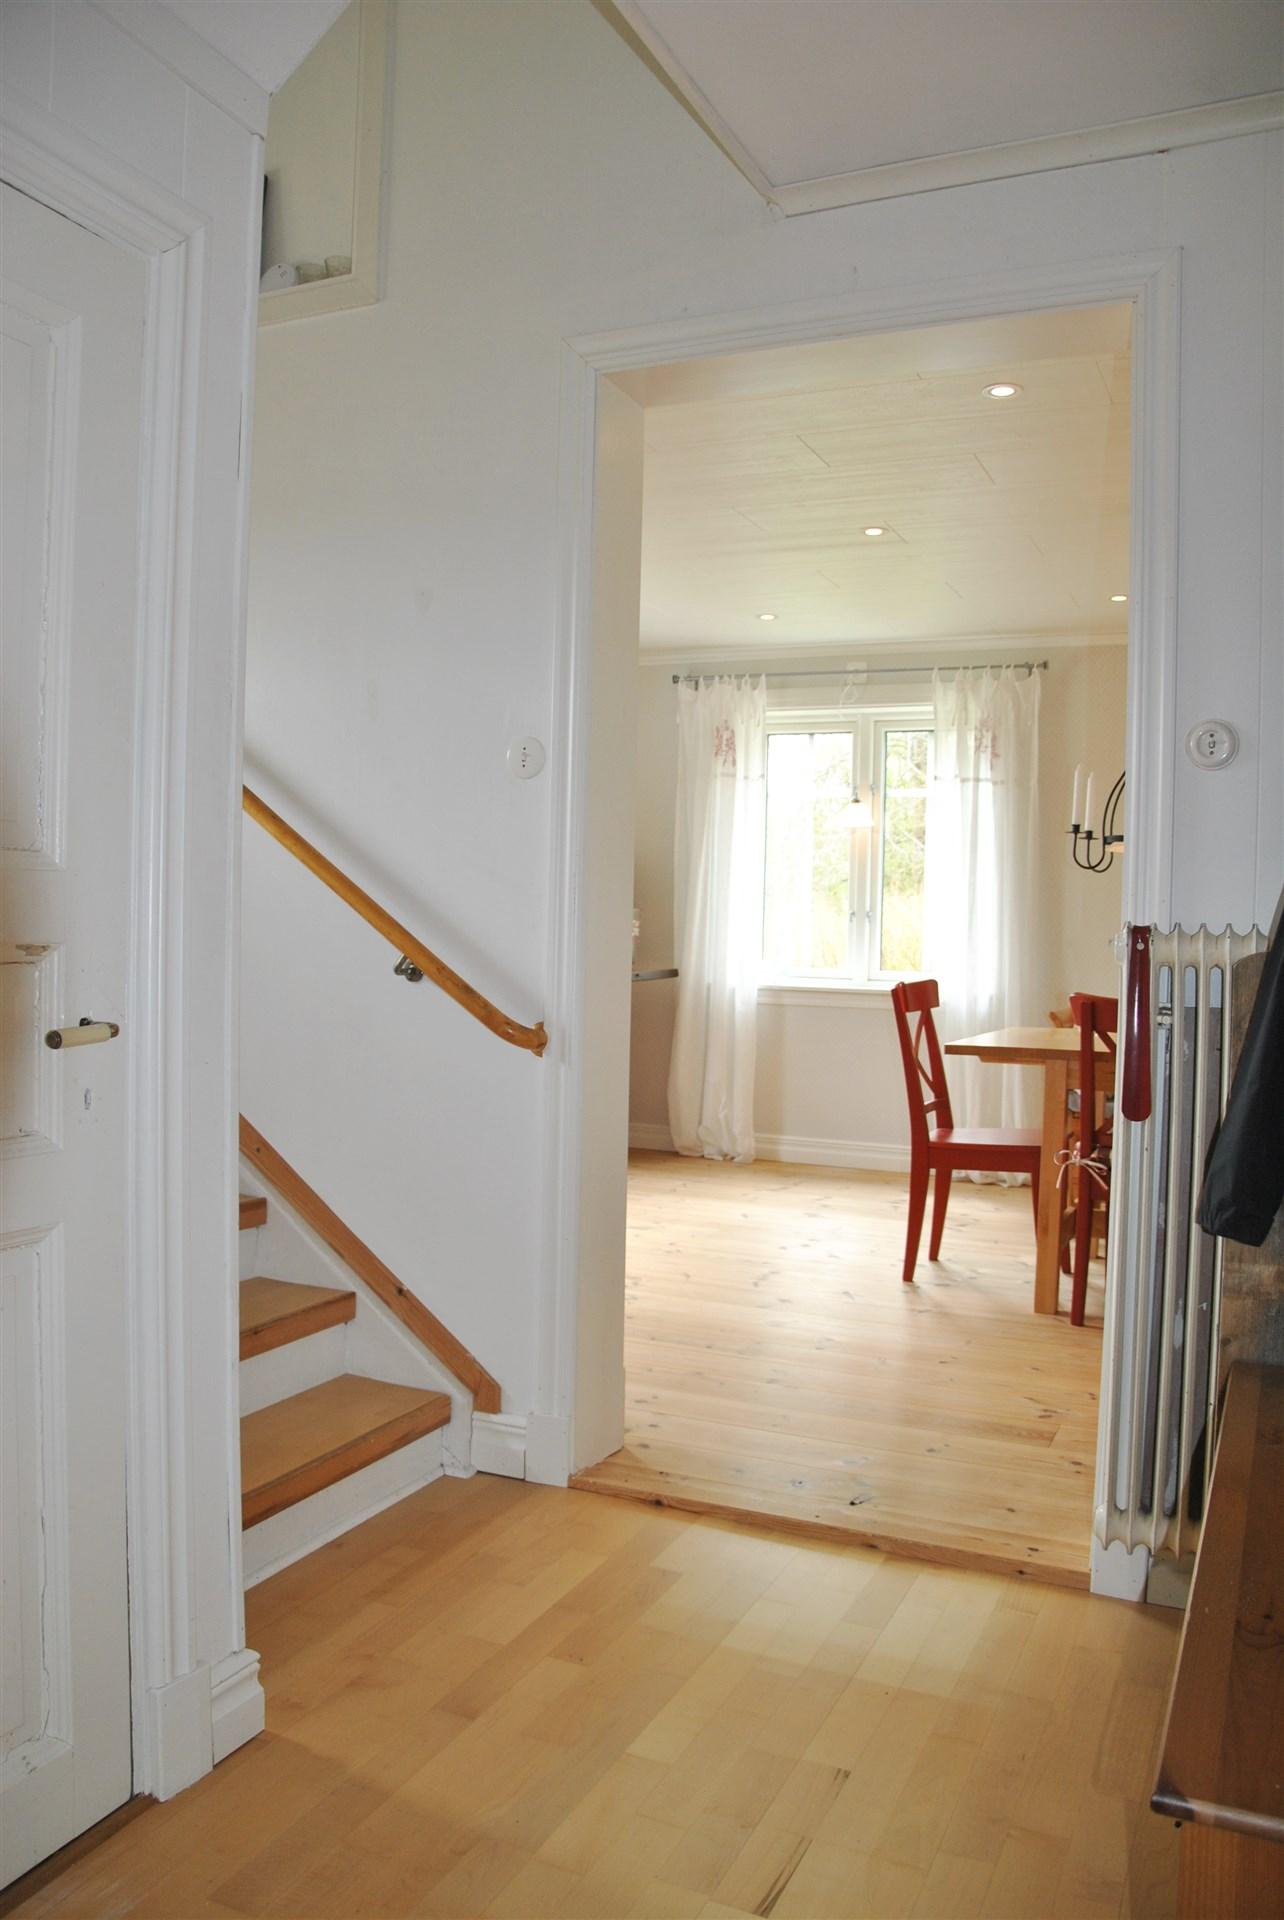 Passage mellan kök och vardagsrum, med negång till källare och trappan upp till ovanplan